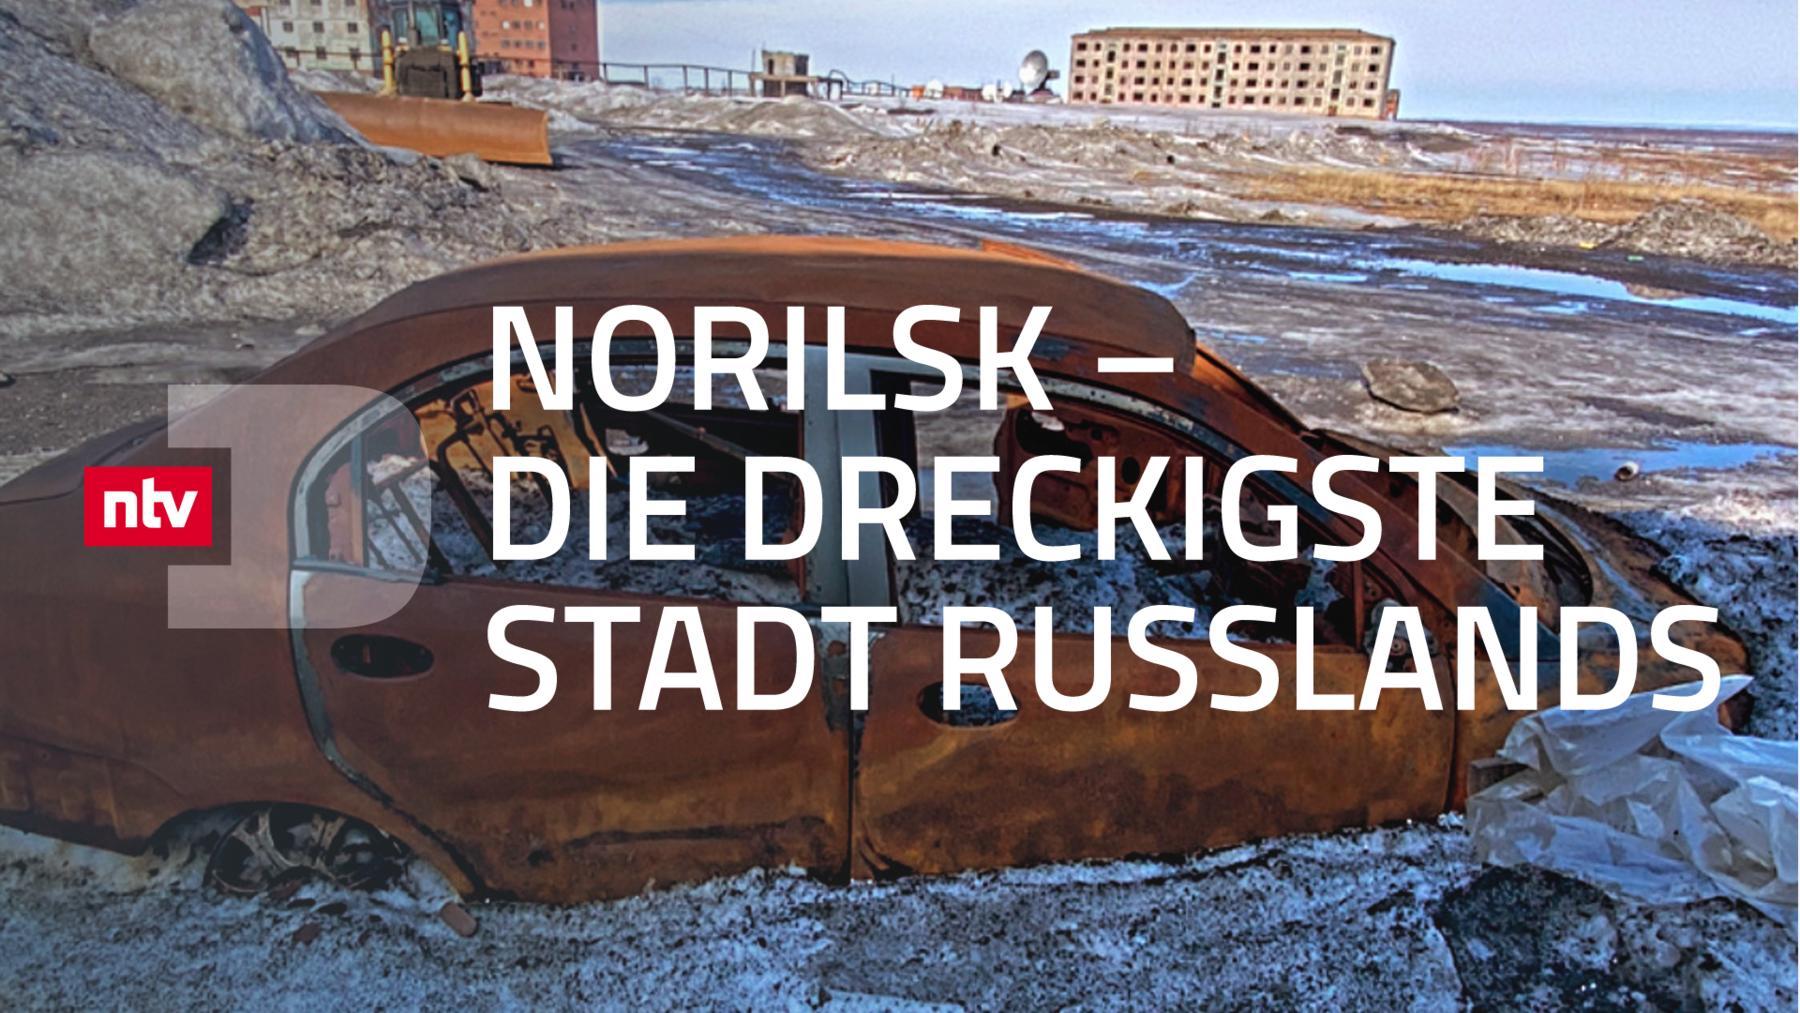 norilsk-die-dreckigste-stadt-russlands